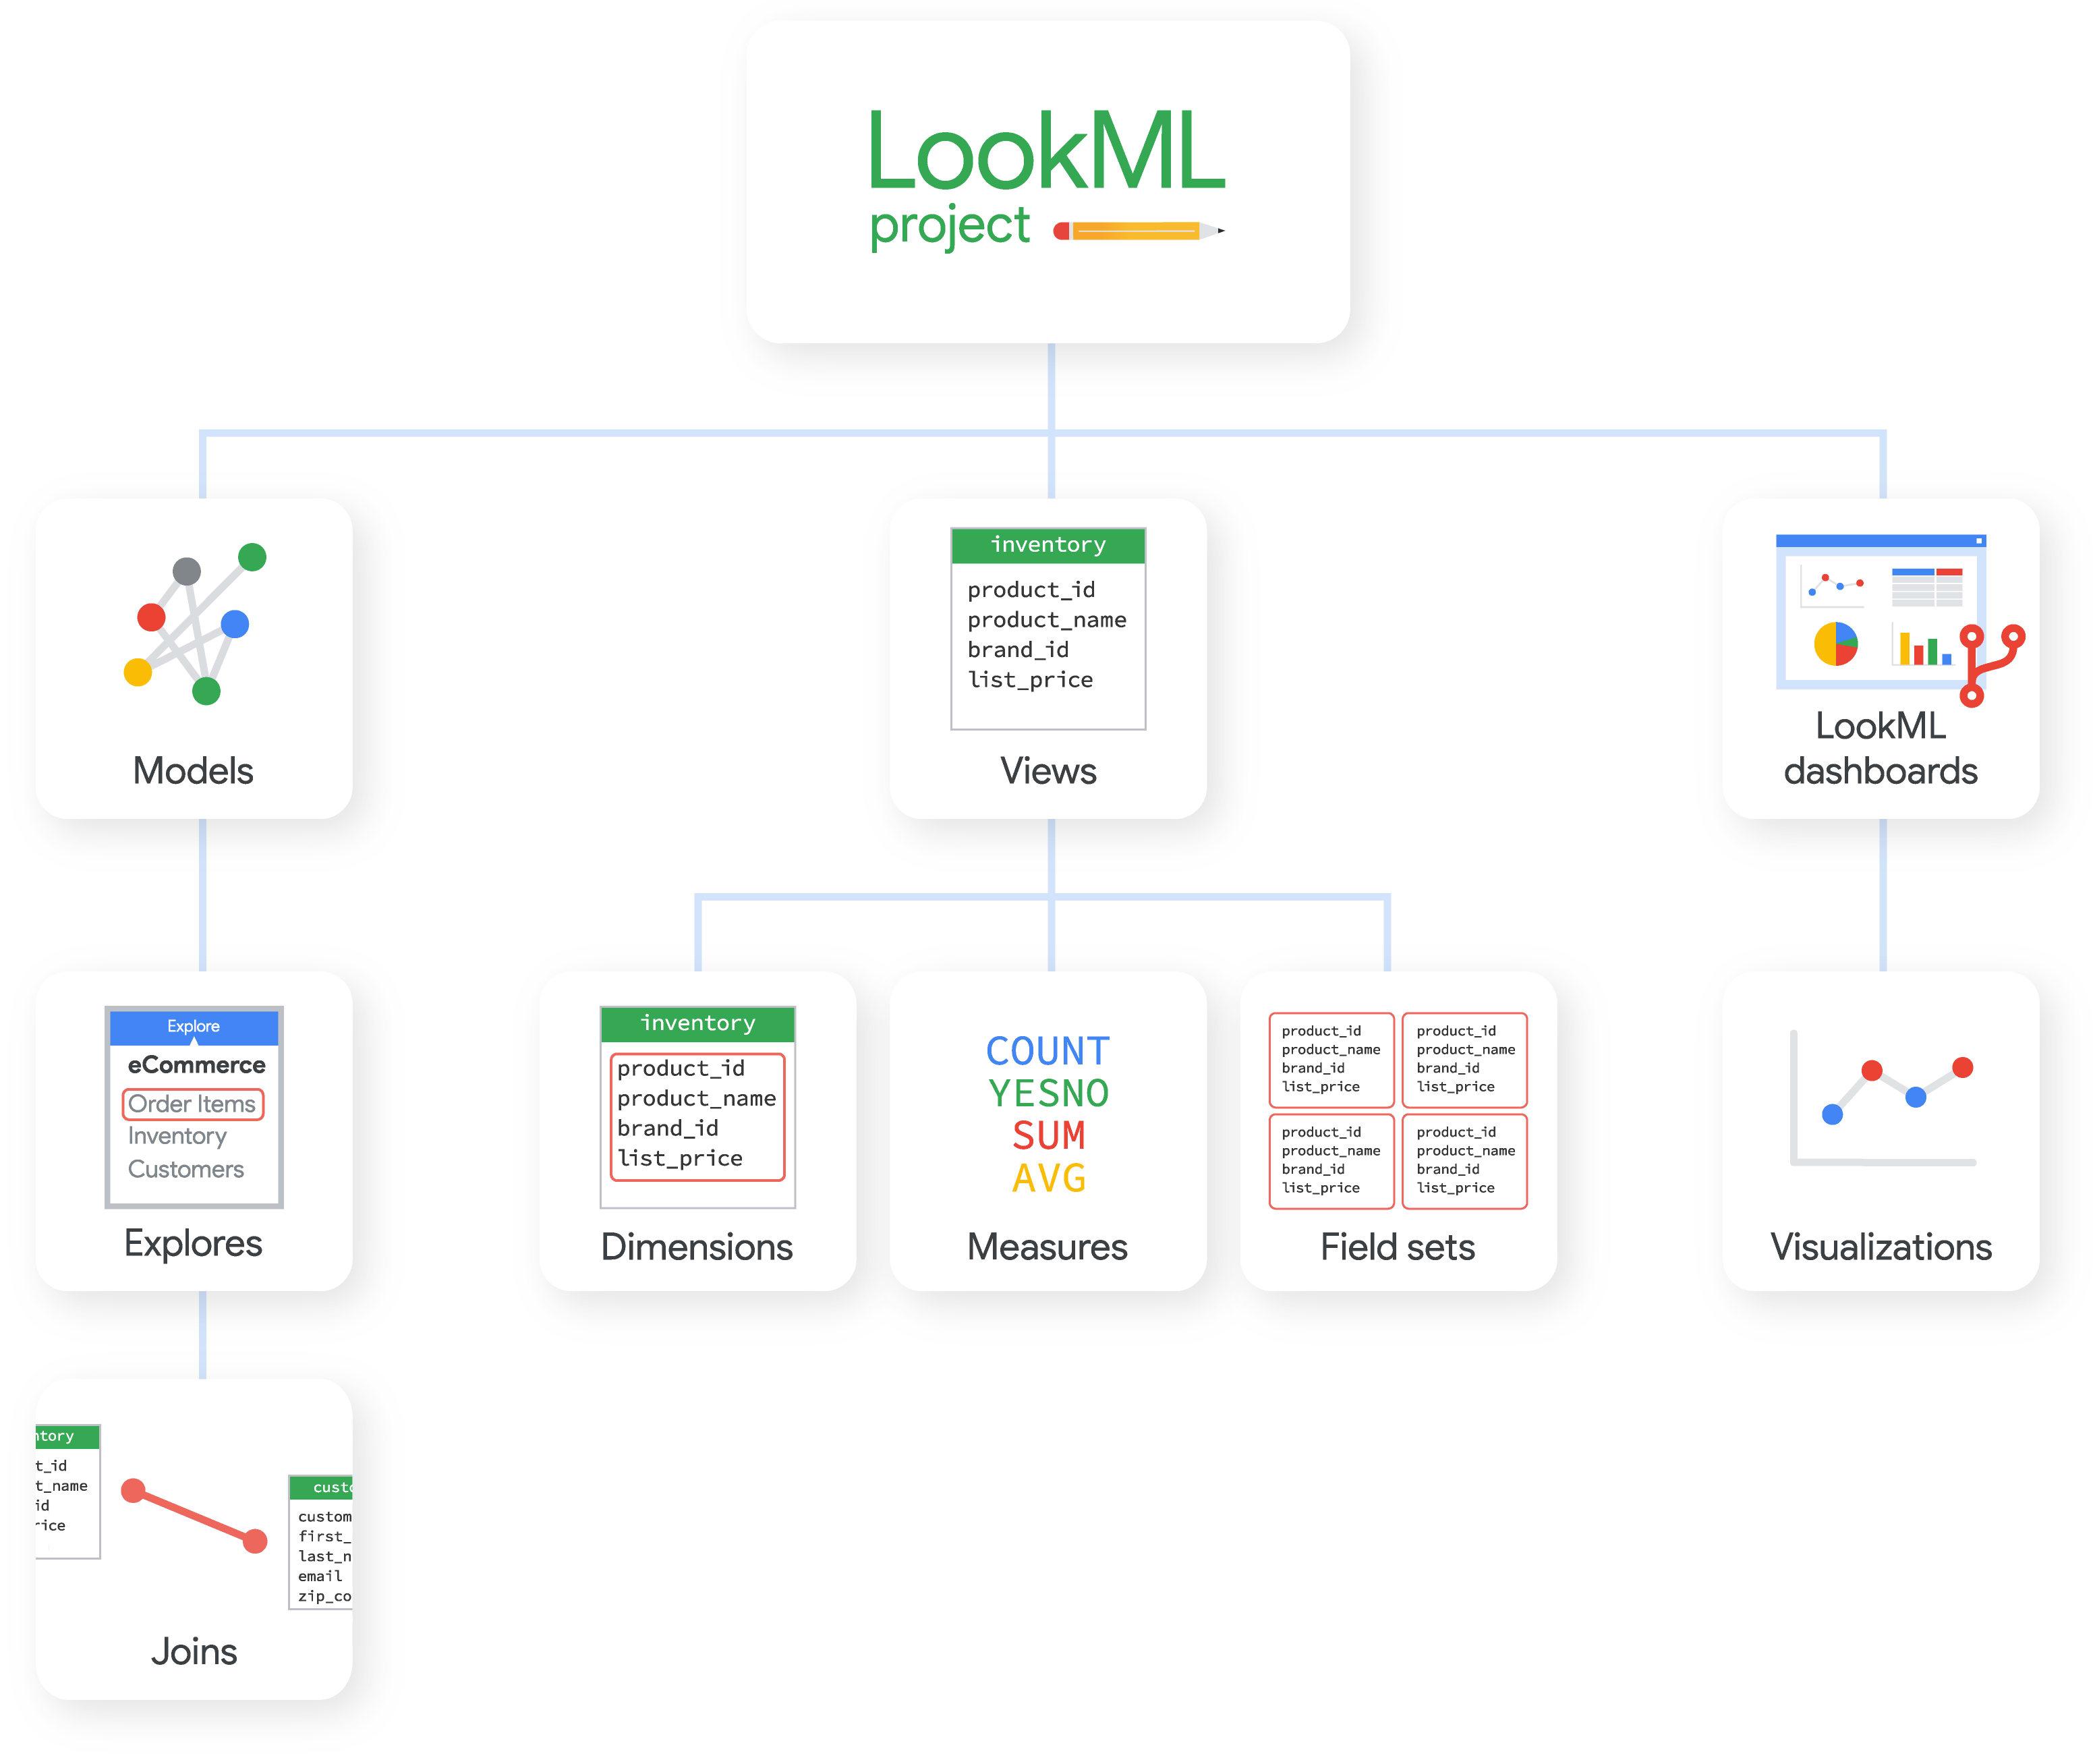 LookML Elements